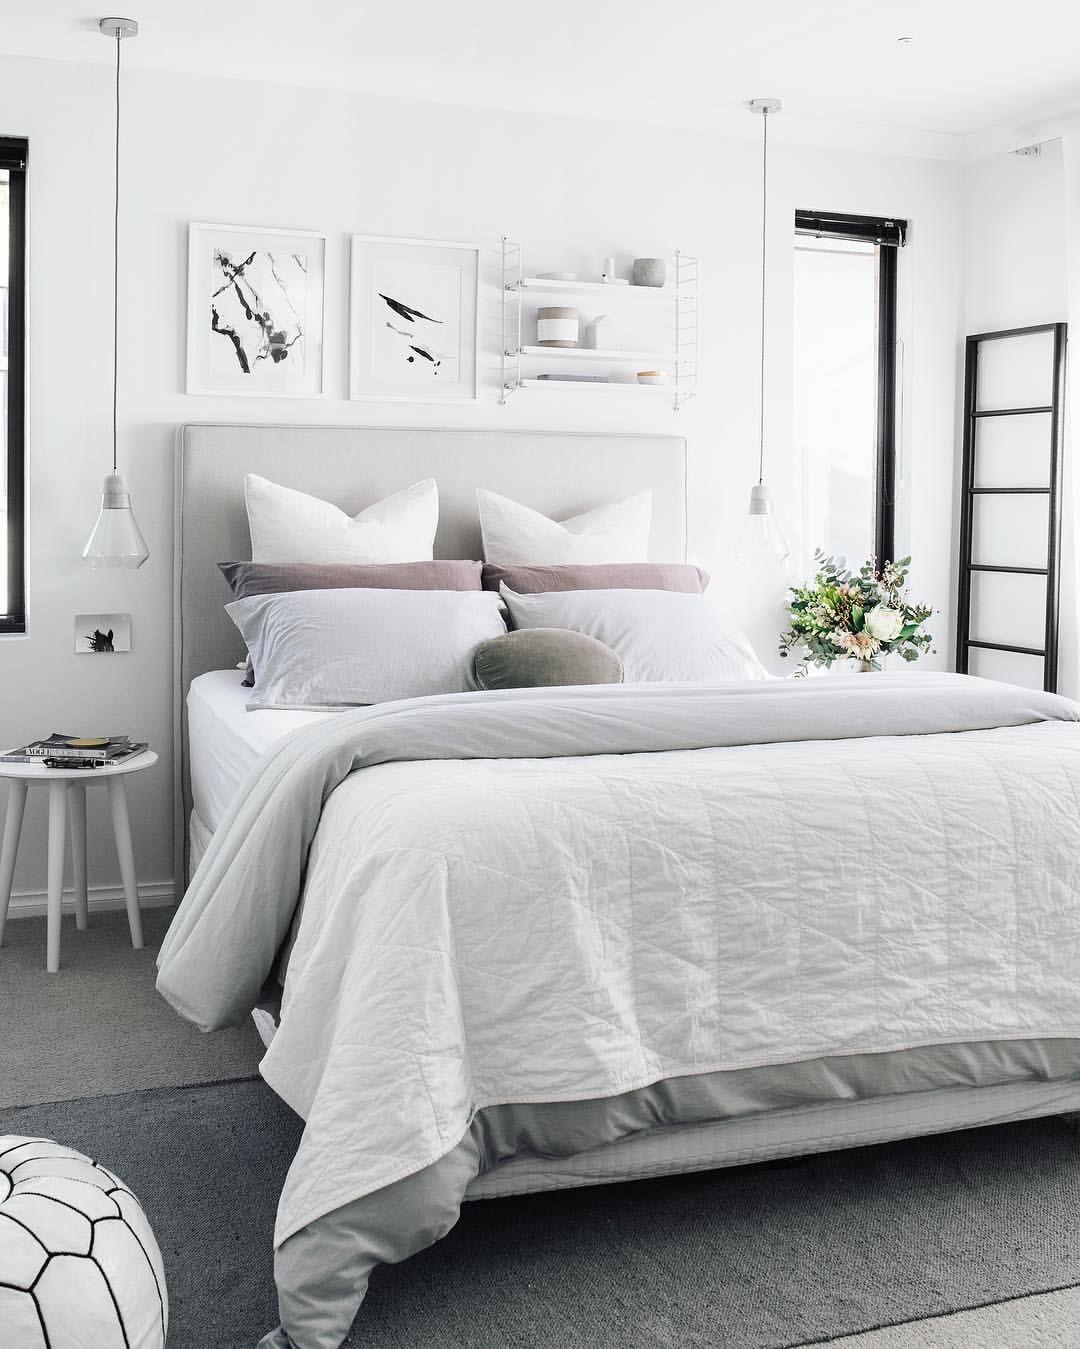 Weiae Wande Lichterkette Schlafzimmer Lichterkette: Pin Von Vivian Gebhard Auf Home